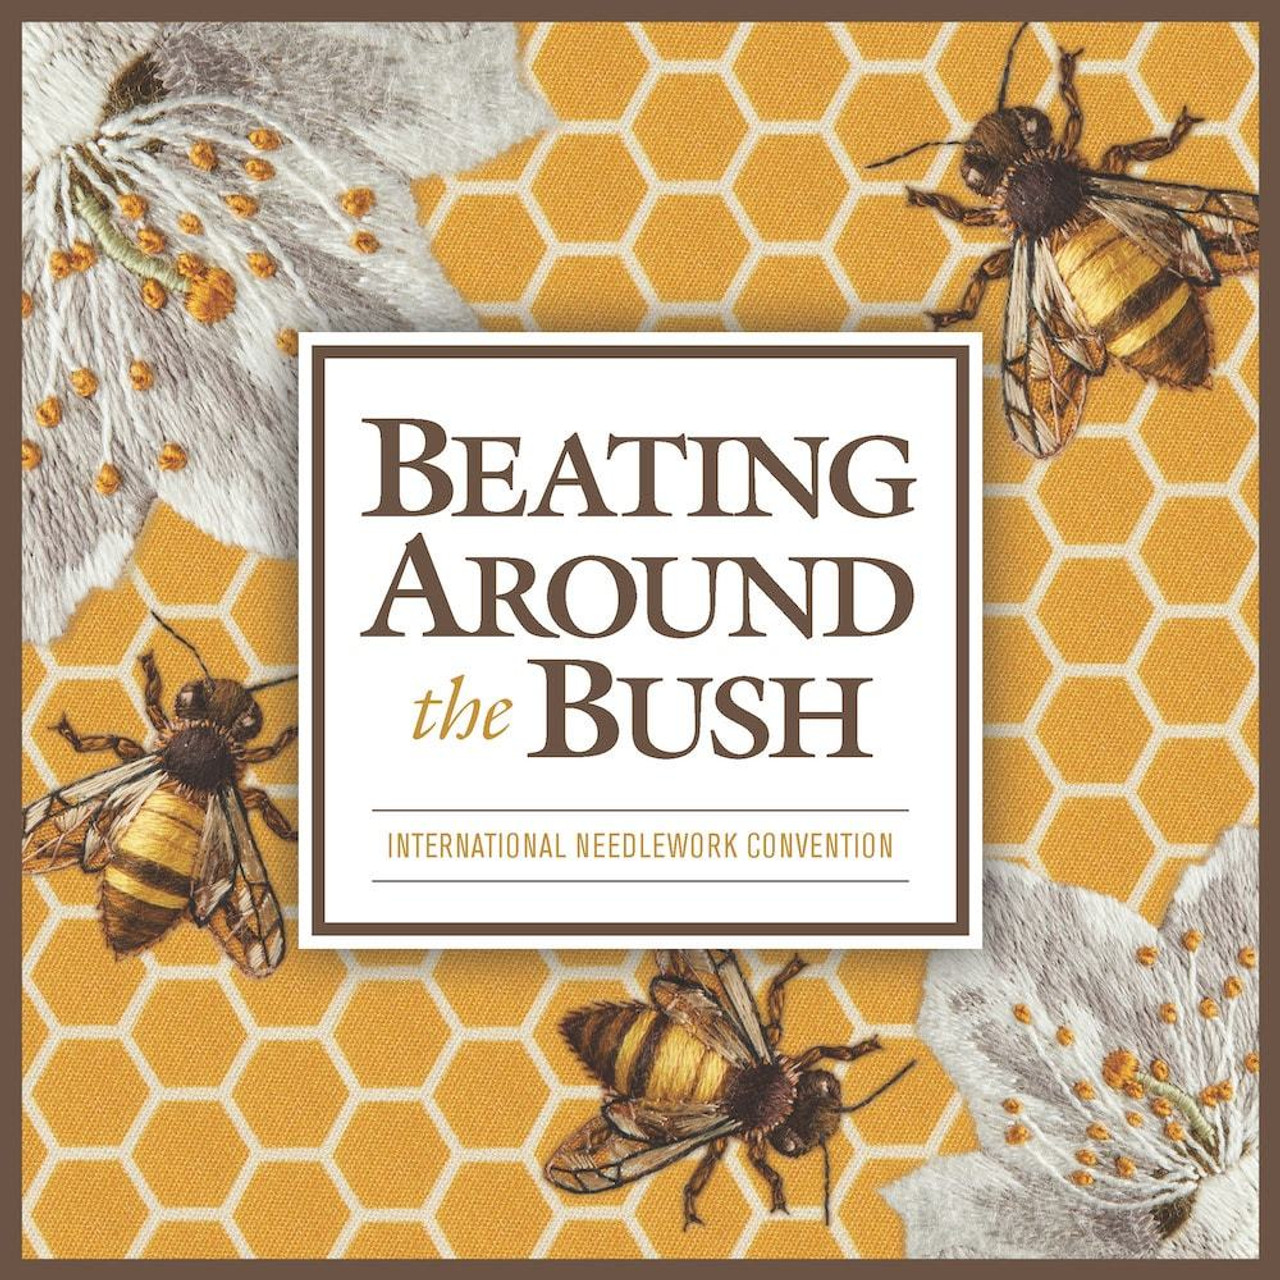 Beating around the Bush 2020